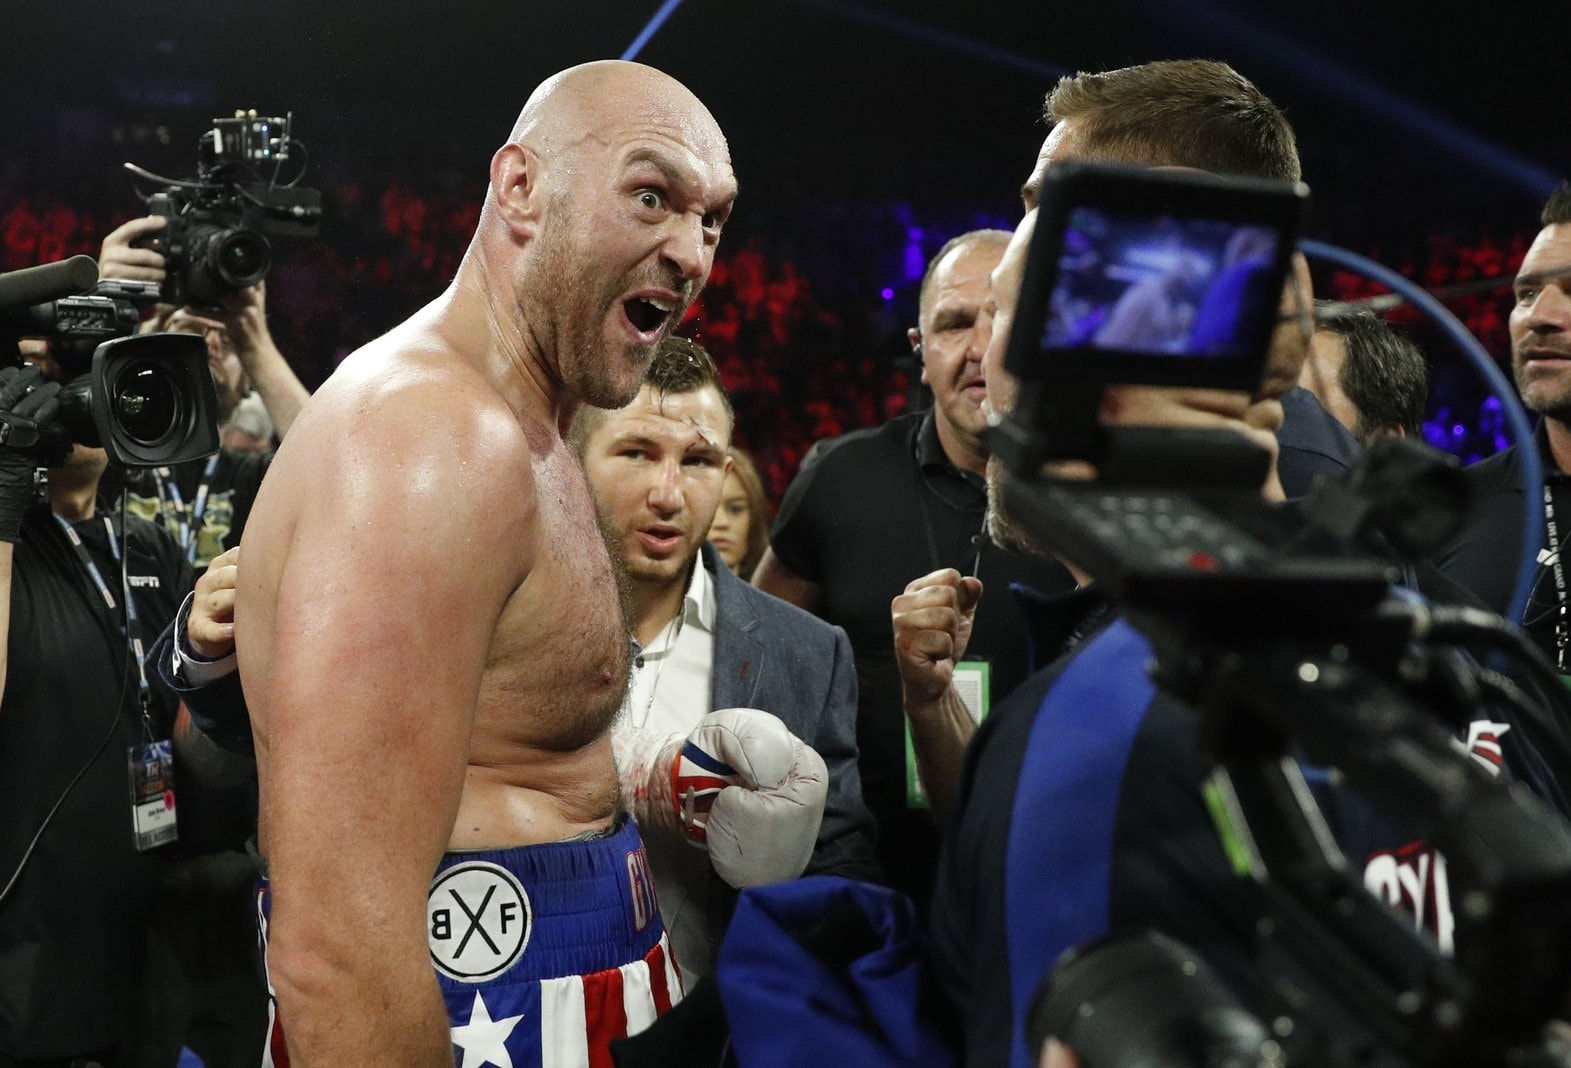 In einem Schwergewichtskampf unterlag Schwarz dem Briten in der Nacht zum Sonntag in Las Vegasdurch technischen K.o. bereits  in der zweiten Runde. Foto: John Locher/dpa